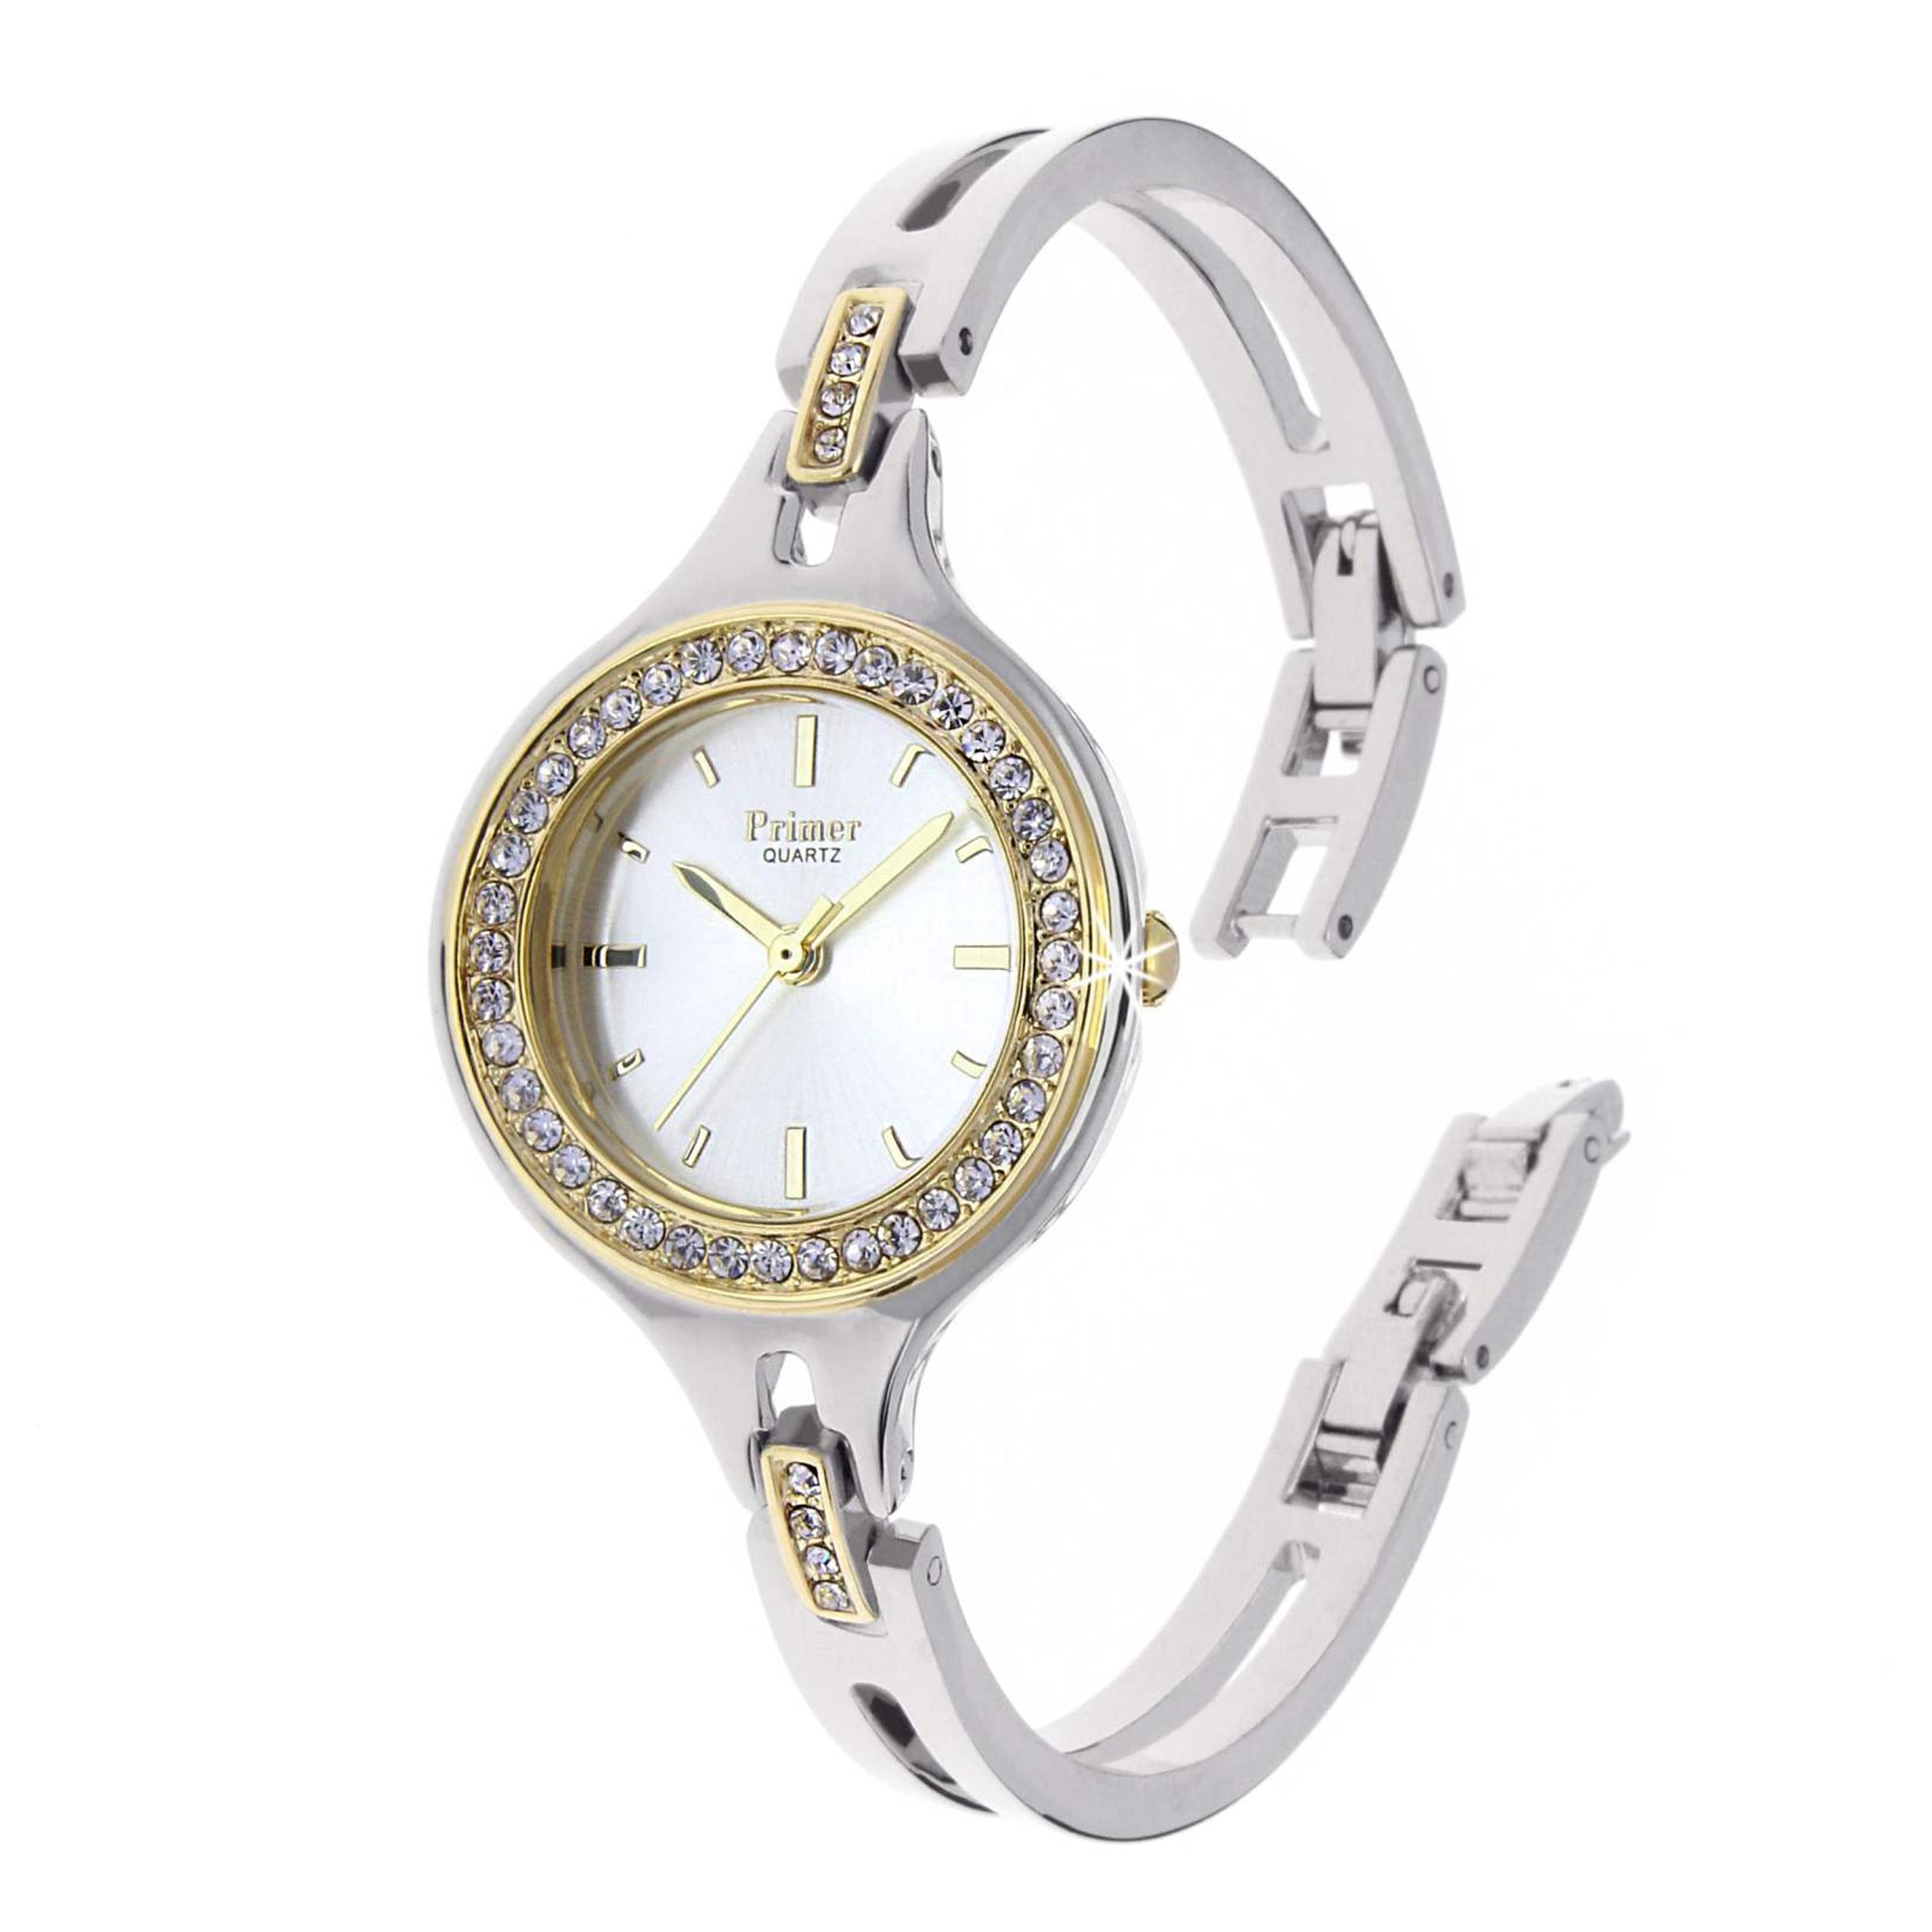 ساعت مچی عقربه ای زنانه پرایمر مدل MO-032-GG مناسب برای سایز مچ زیر 17 سانتی متر              خرید (⭐️⭐️⭐️)